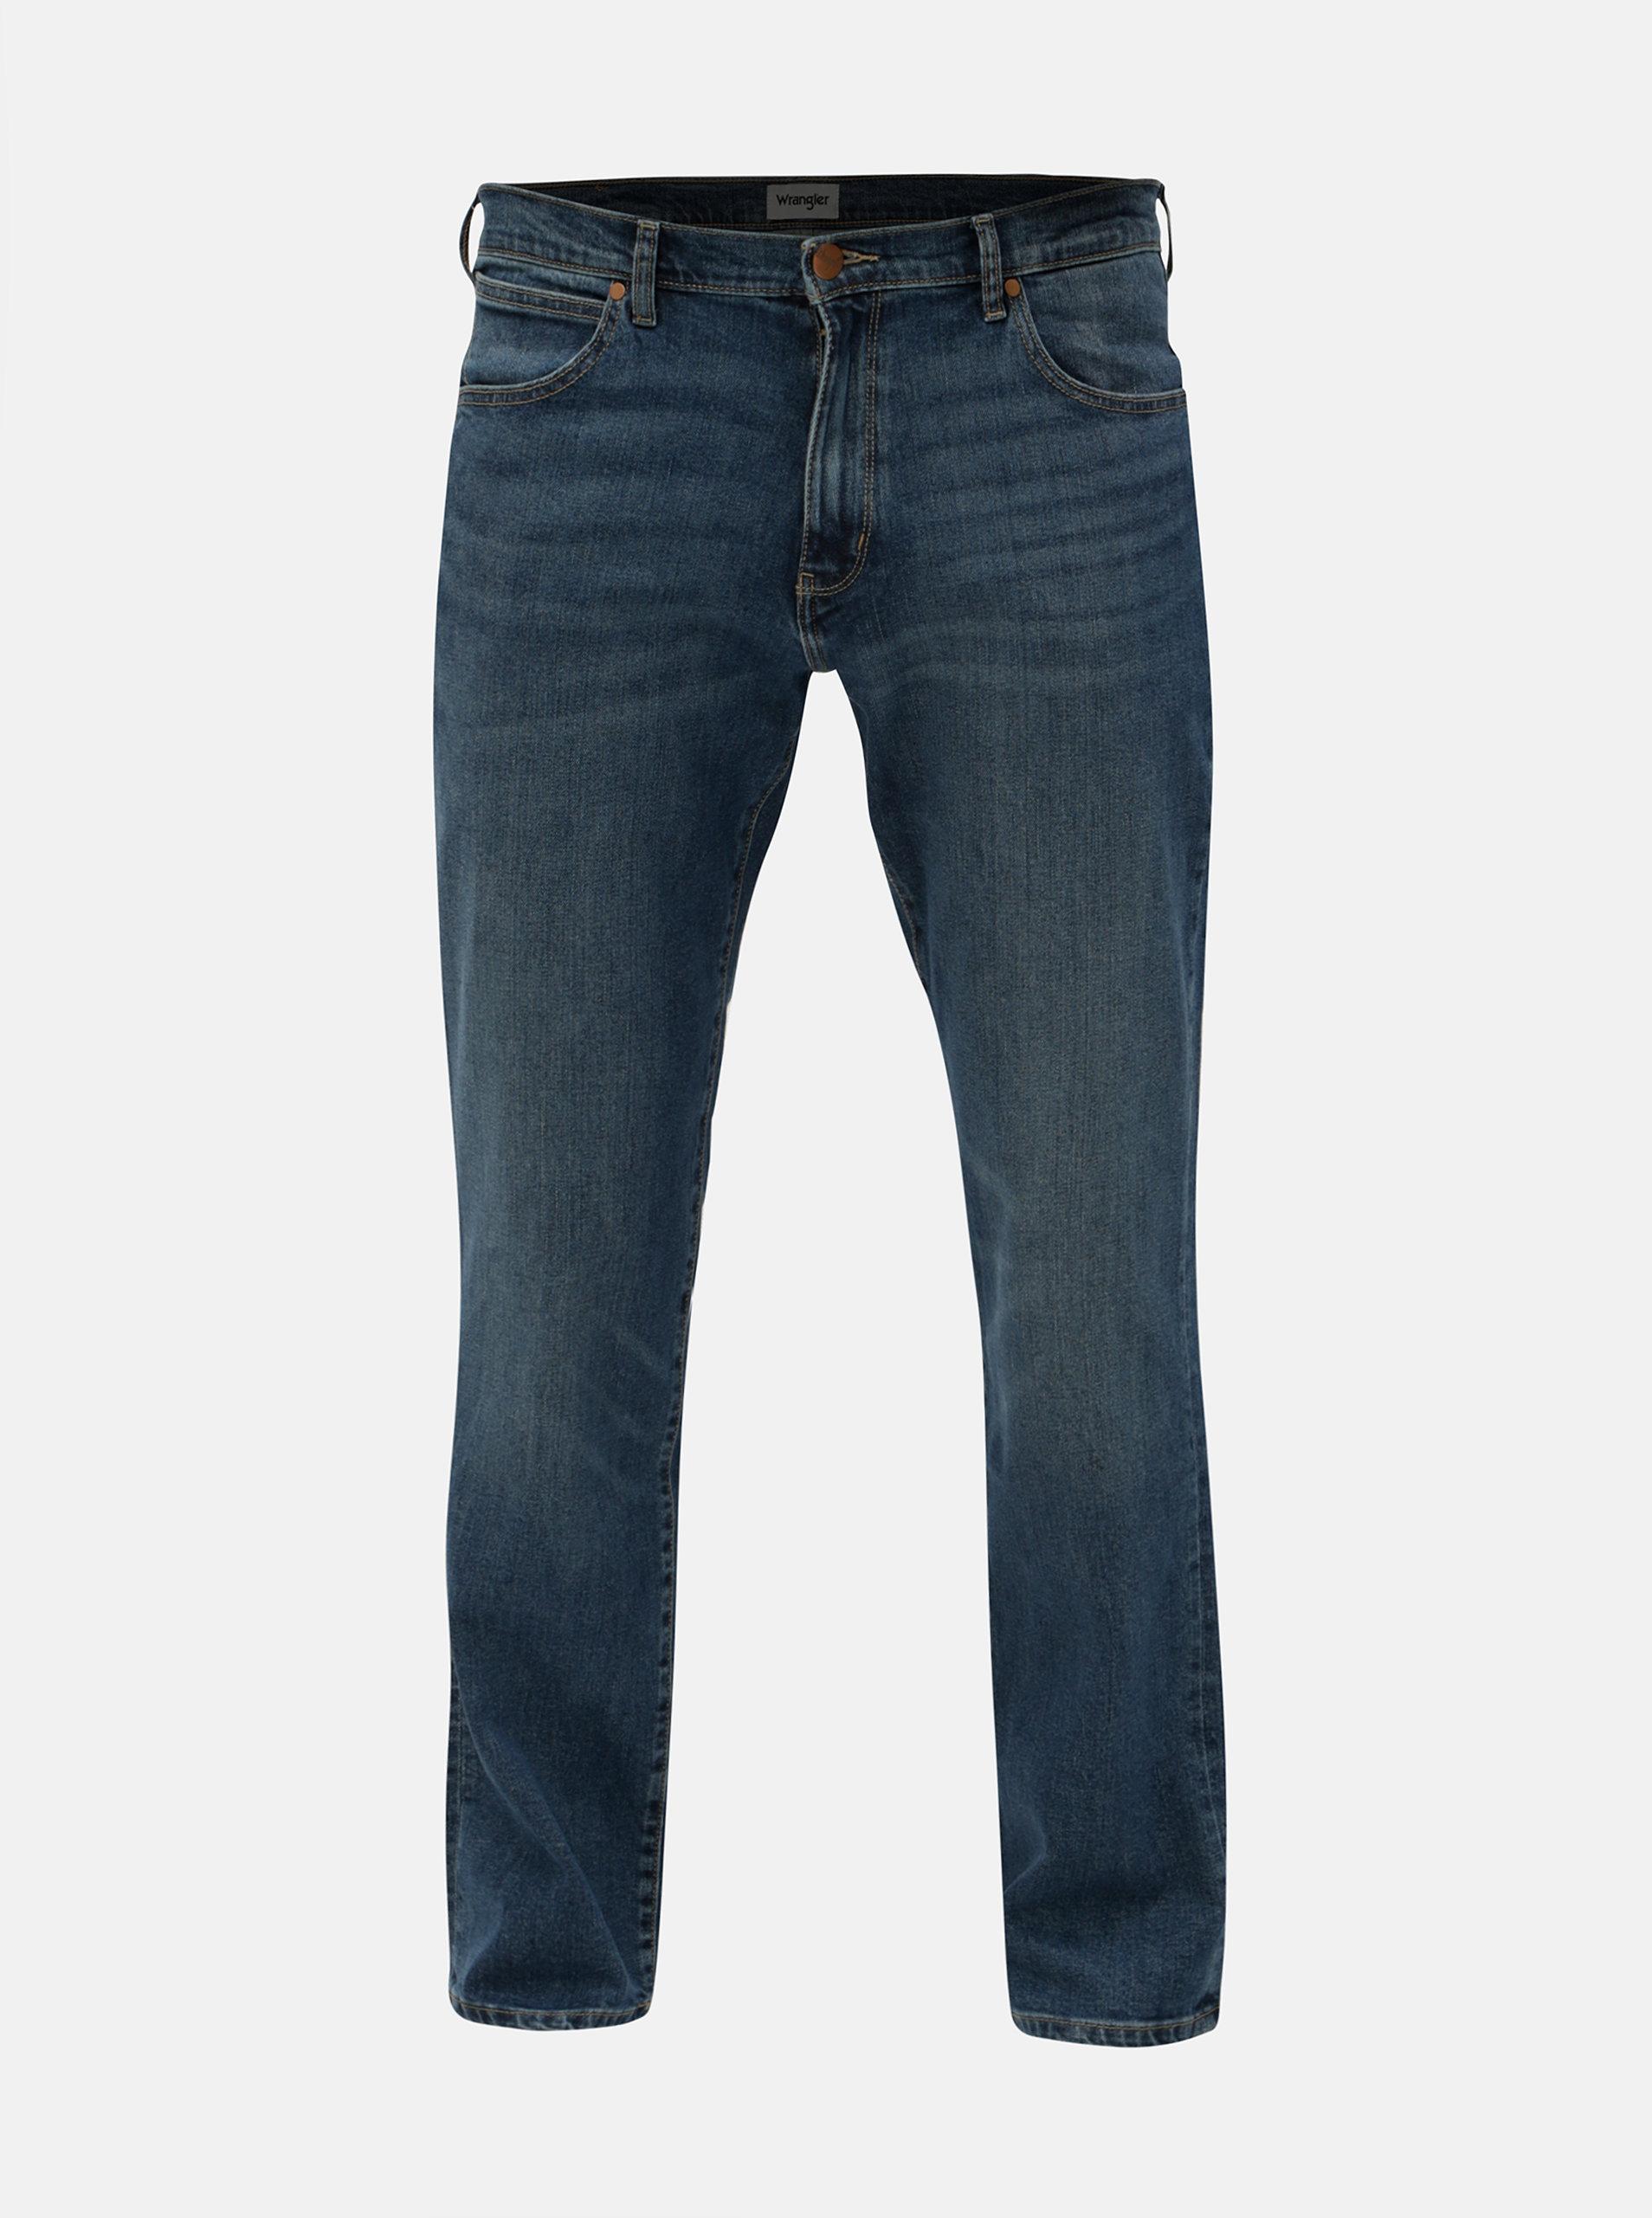 Modré pánské rovné vyšisované džíny Wrangler Arizona